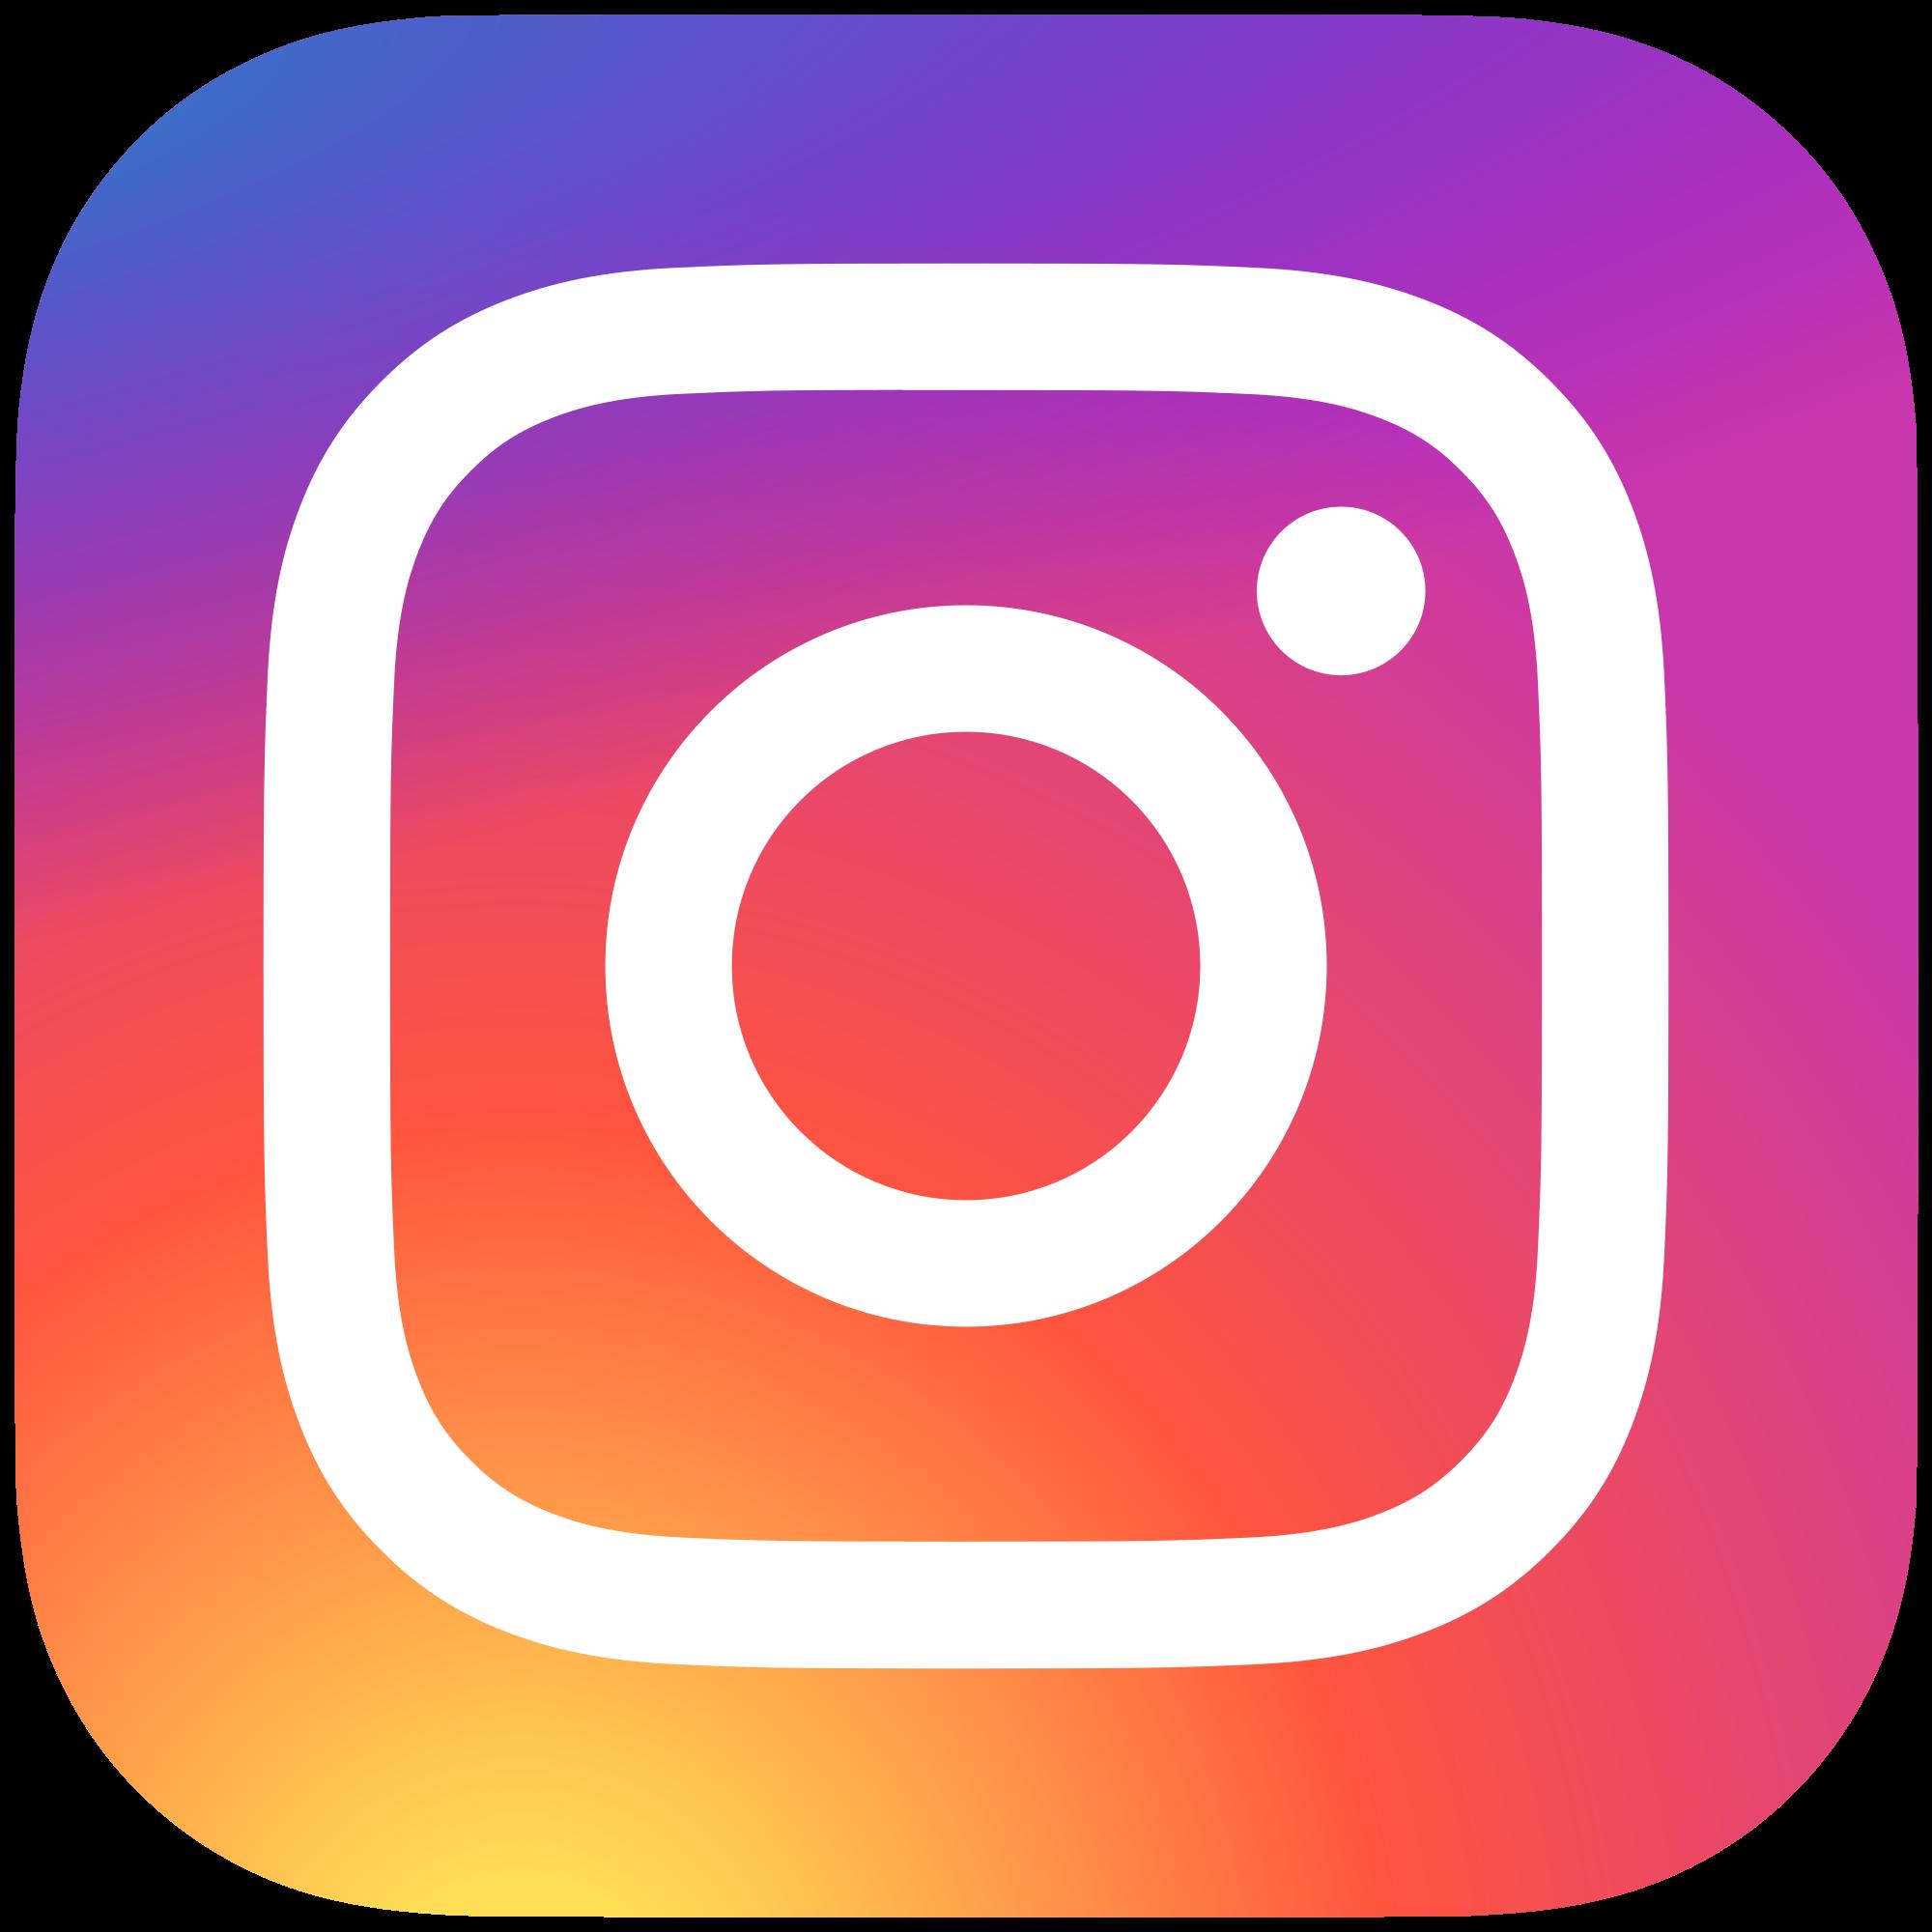 instagram logo - Наш магазин